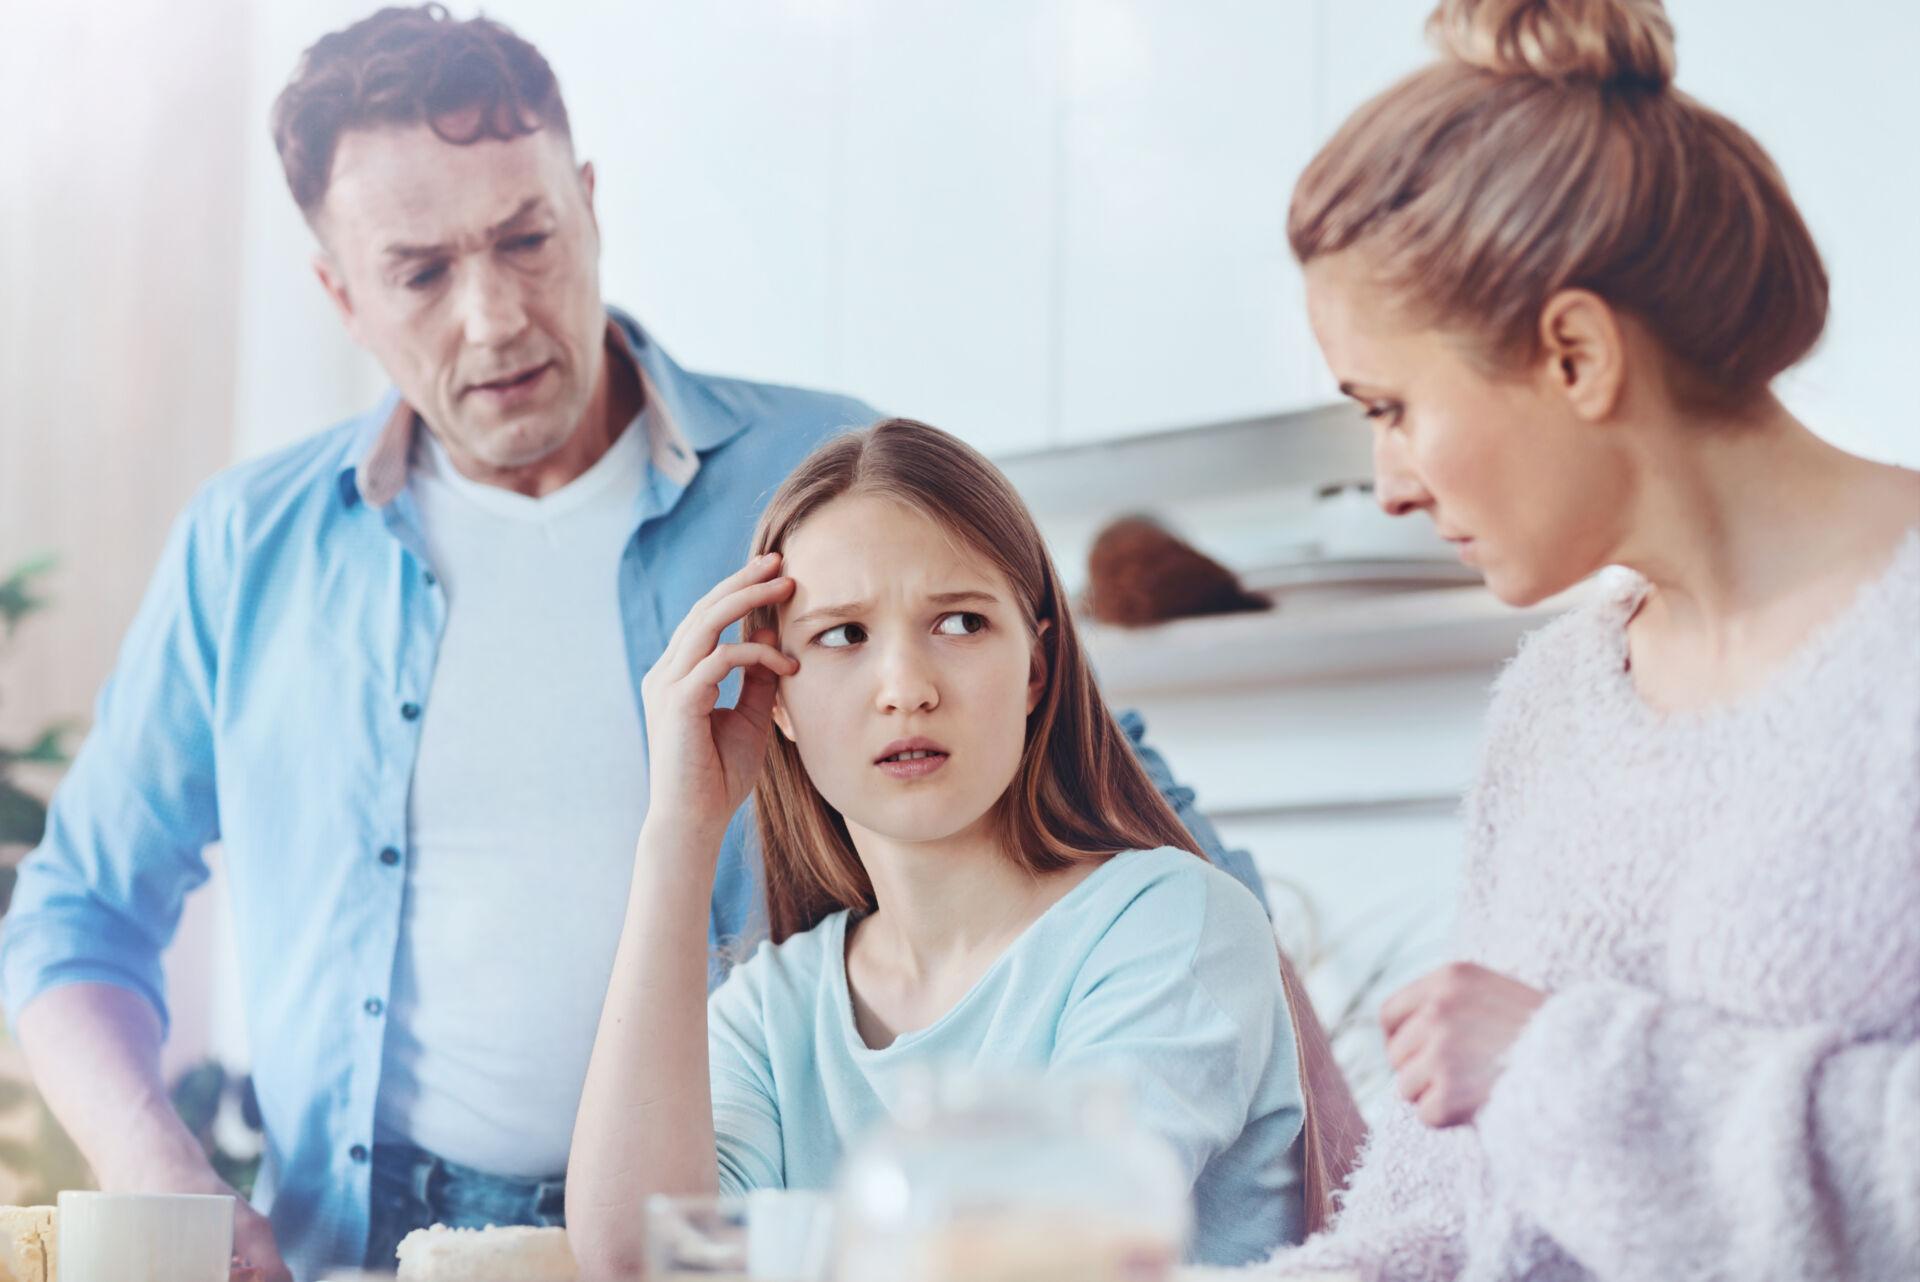 Aikuisen Lapsen Ja Vanhemman Välirikko